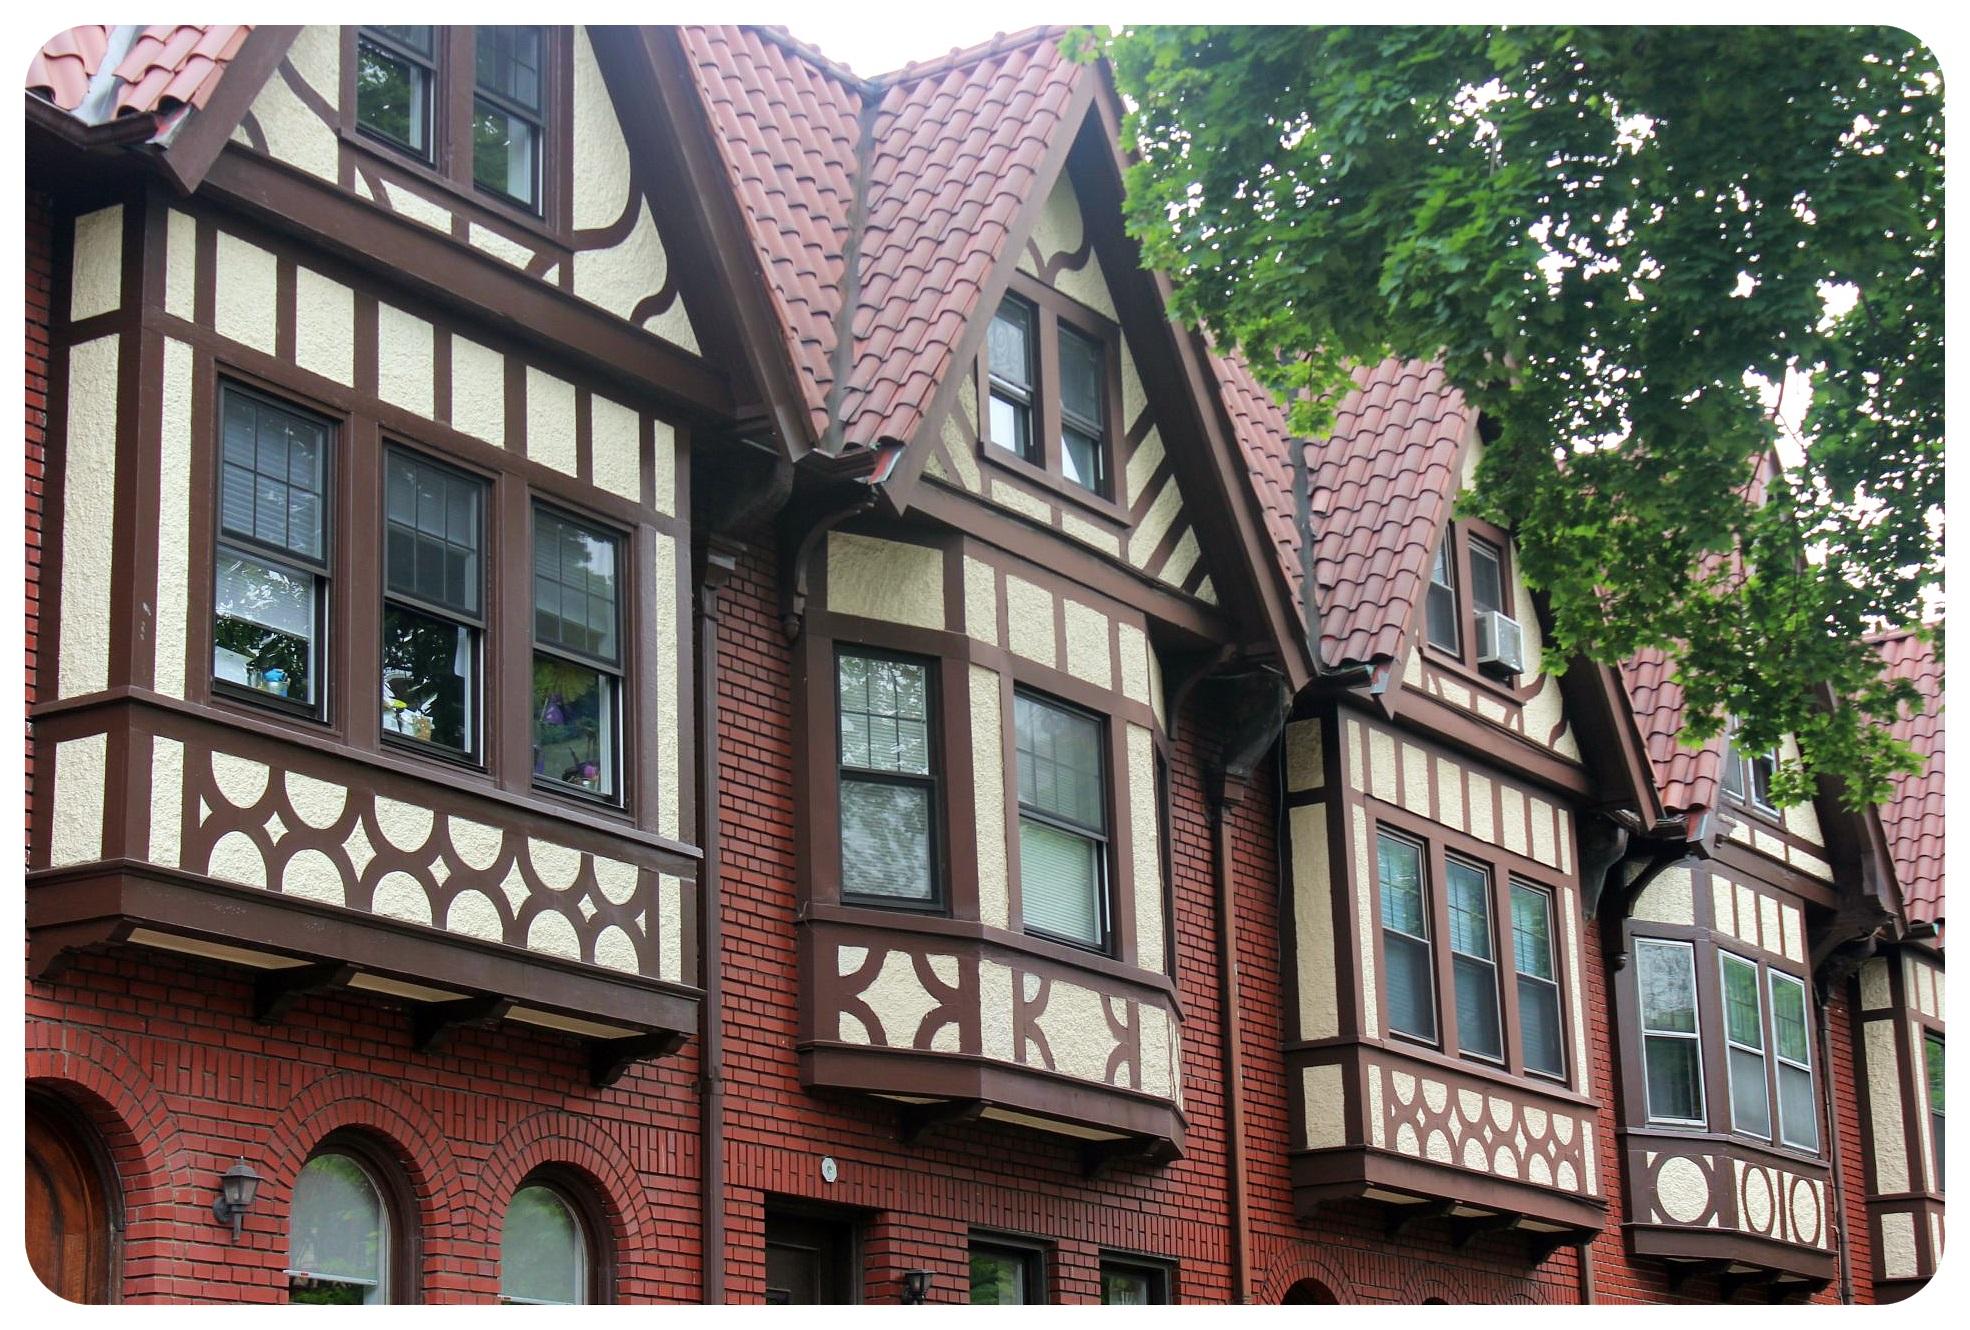 prospect lefferts gardens historic houses